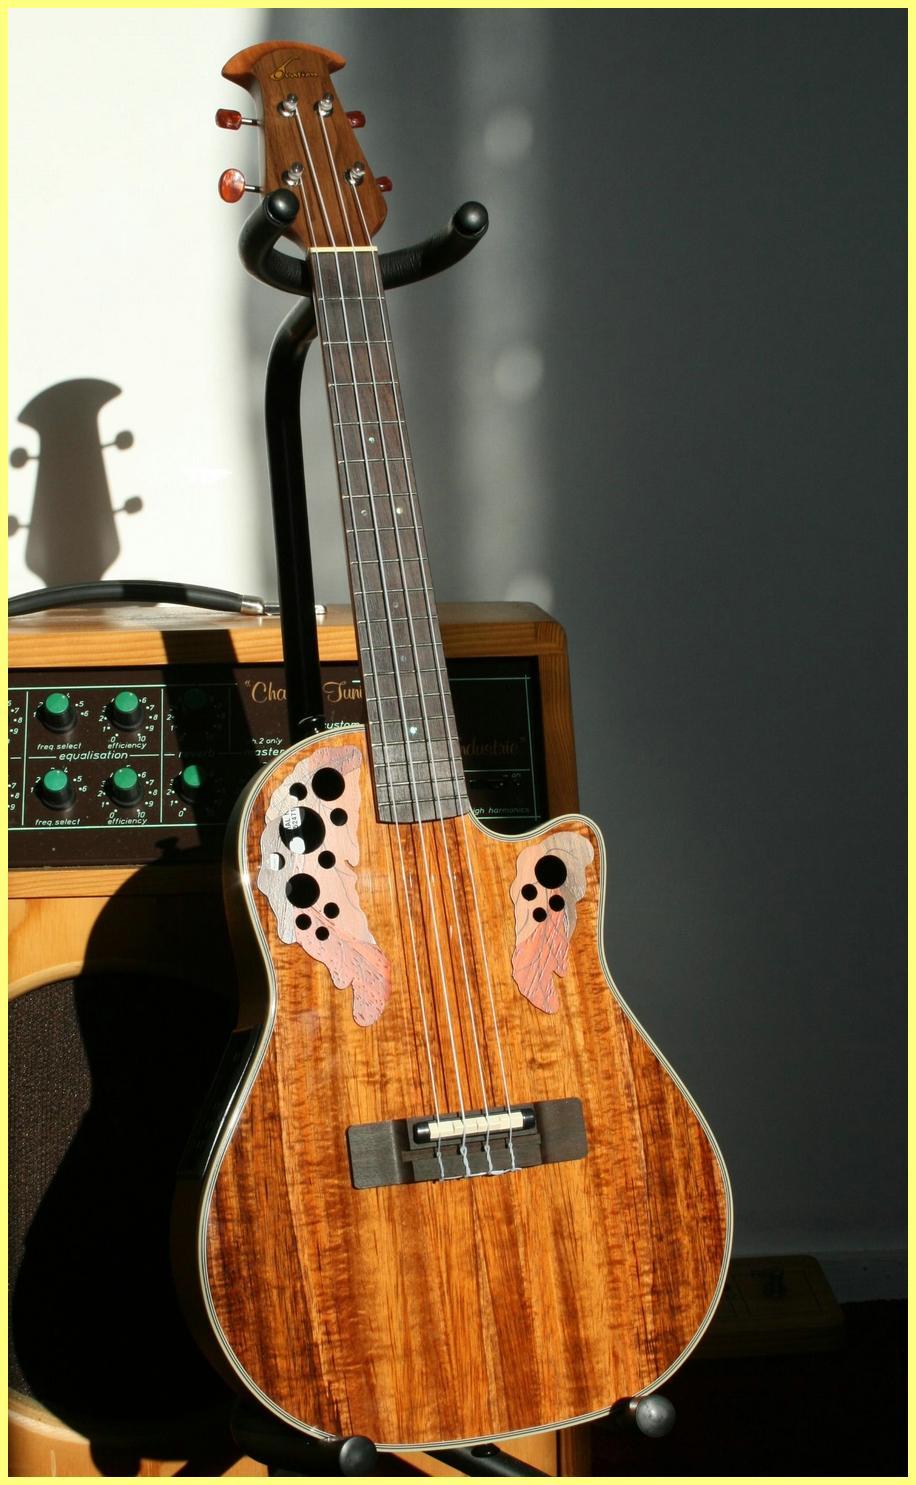 un peu cher pour ce type d 39 instrument mais garde la qualit ovation avis ovation ucs 148. Black Bedroom Furniture Sets. Home Design Ideas